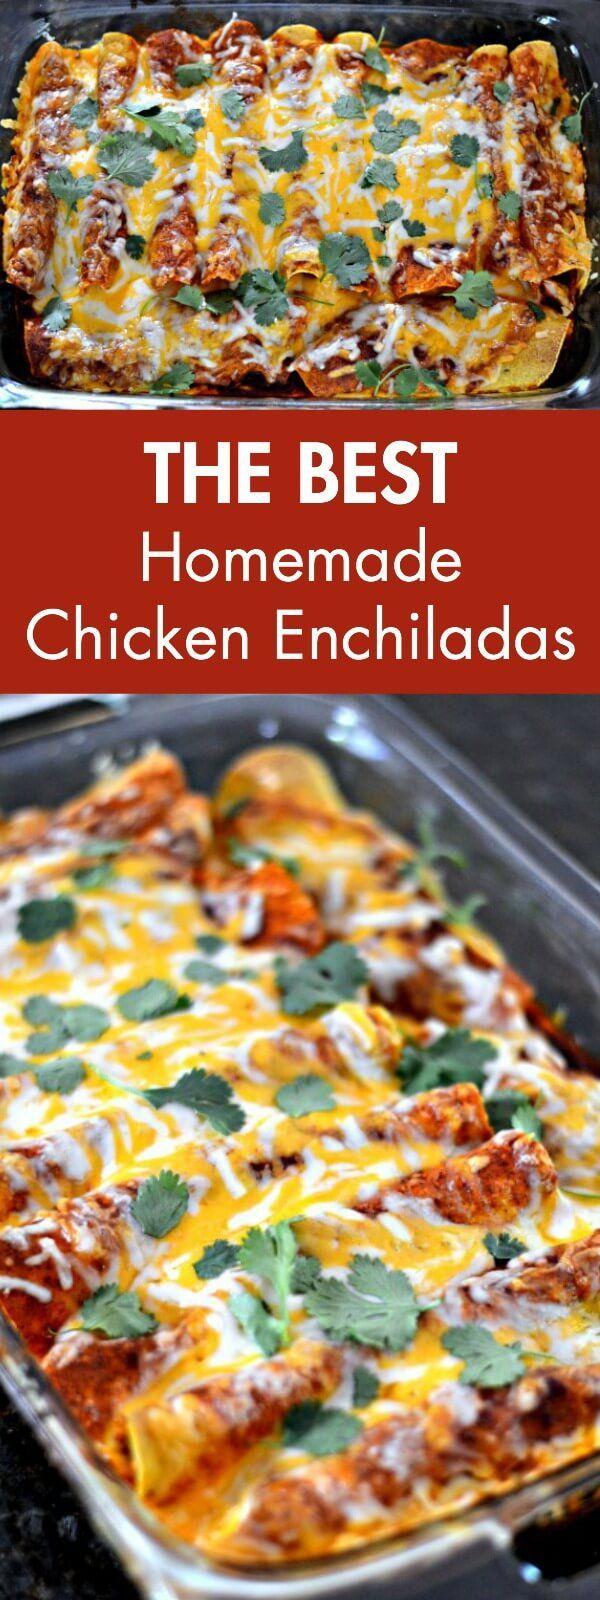 The Best Homemade Chicken Enchiladas Recipe Enchiladas